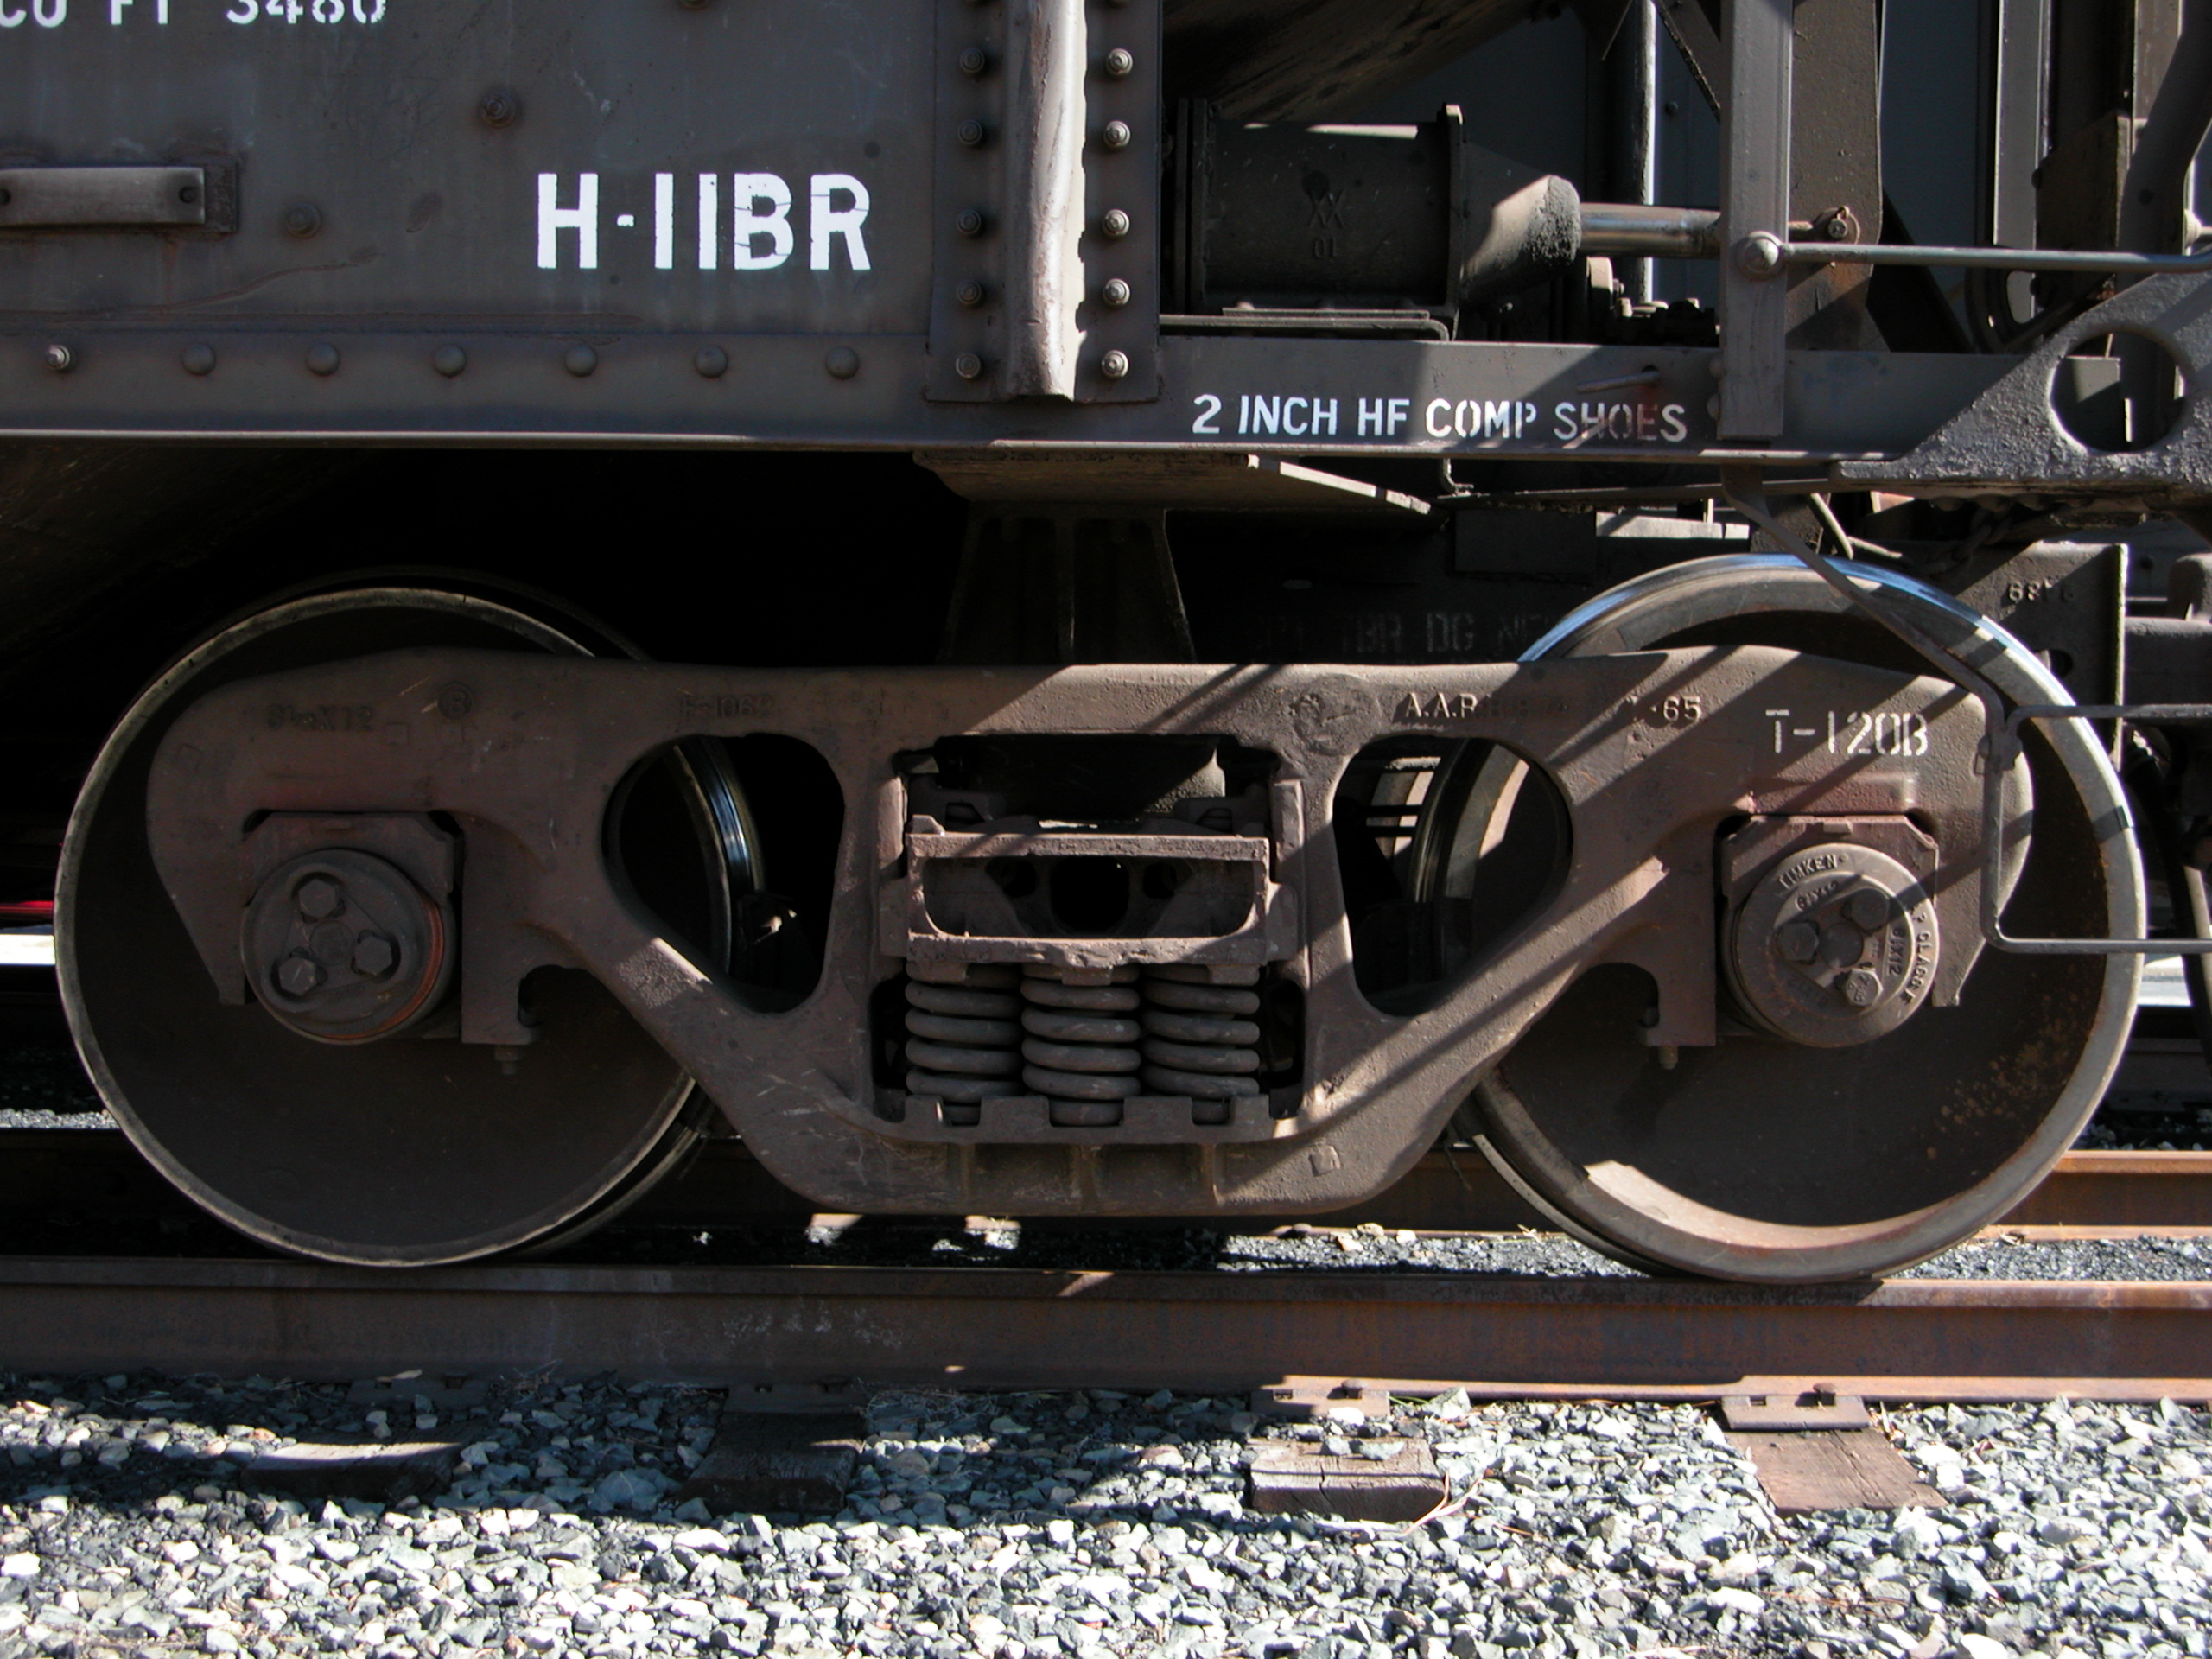 File:2004-02-02 Train wheels at Duke.jpg - Wikimedia Commons